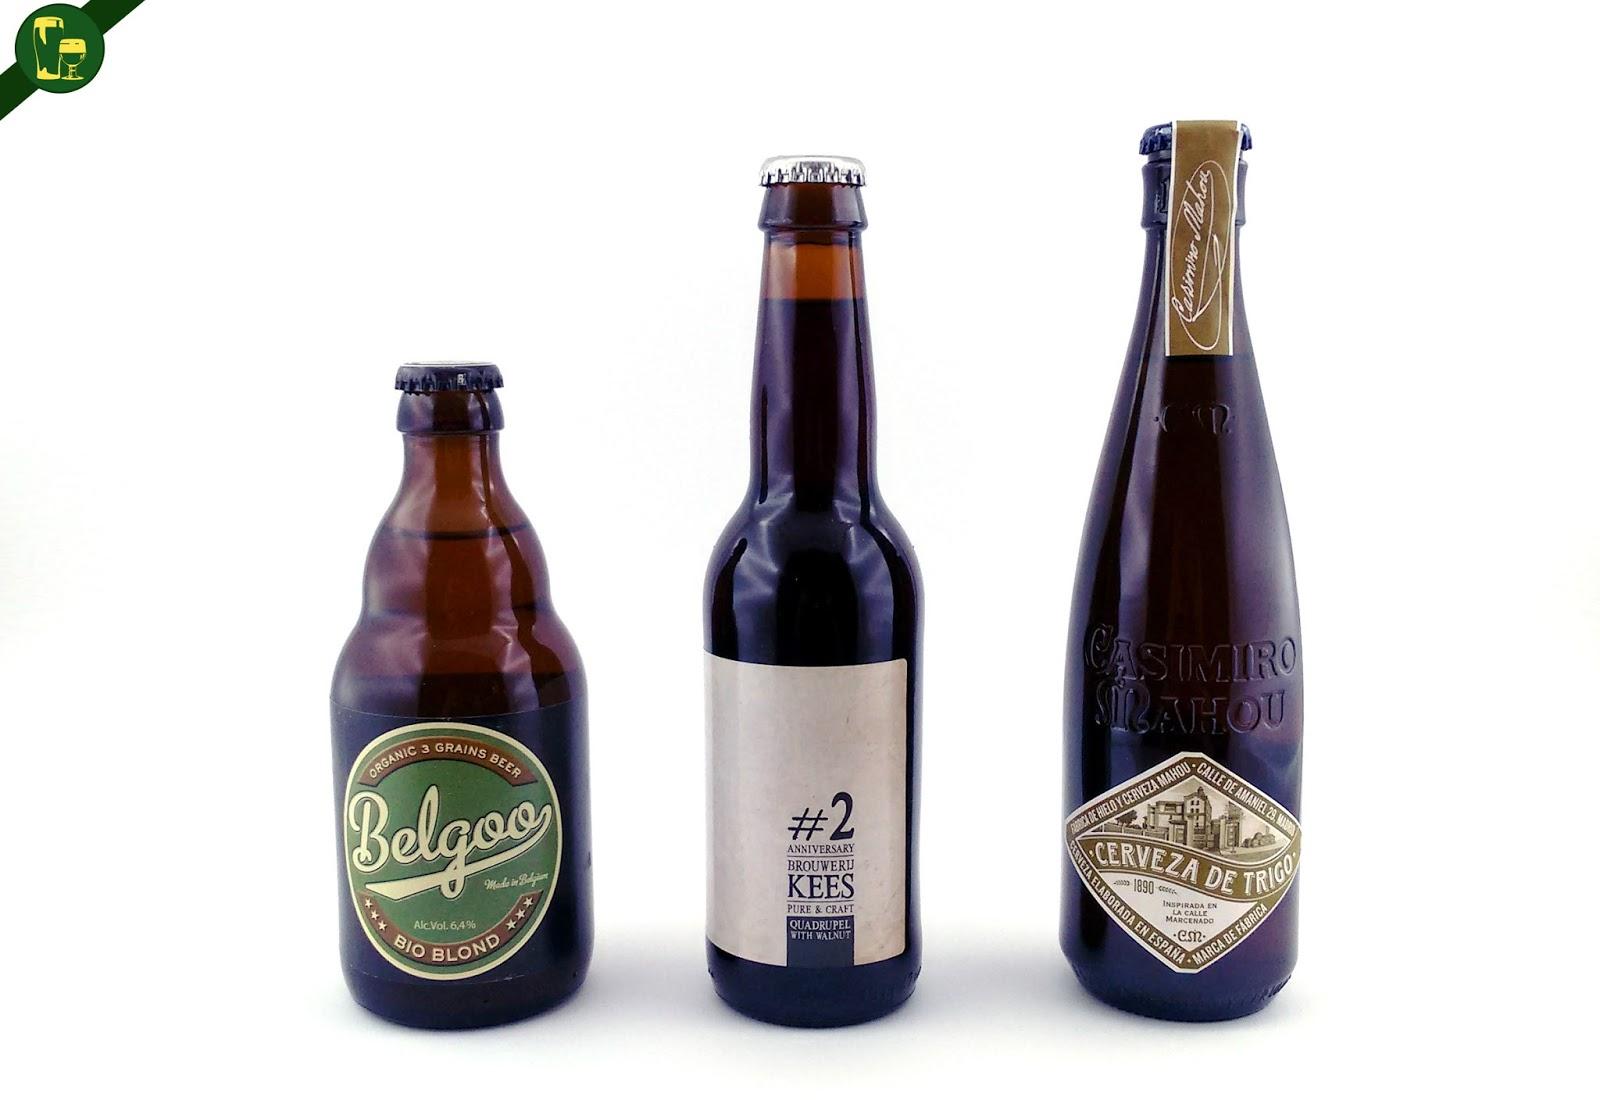 El jard n del l pulo web especializada en cerveza elige for El jardin del lupulo